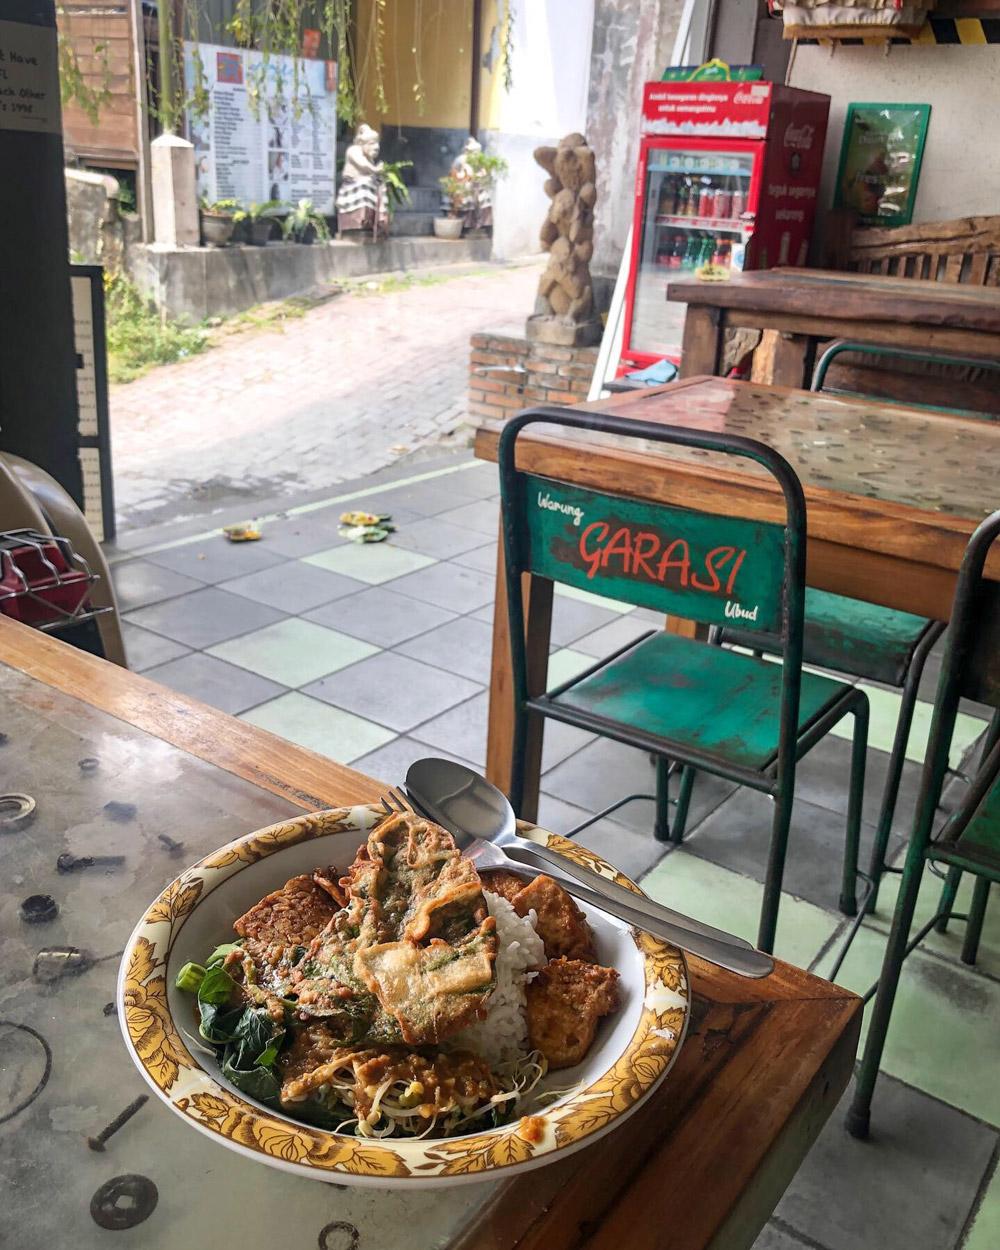 Warung Garasi Nasi Campur, Ubud, Bali